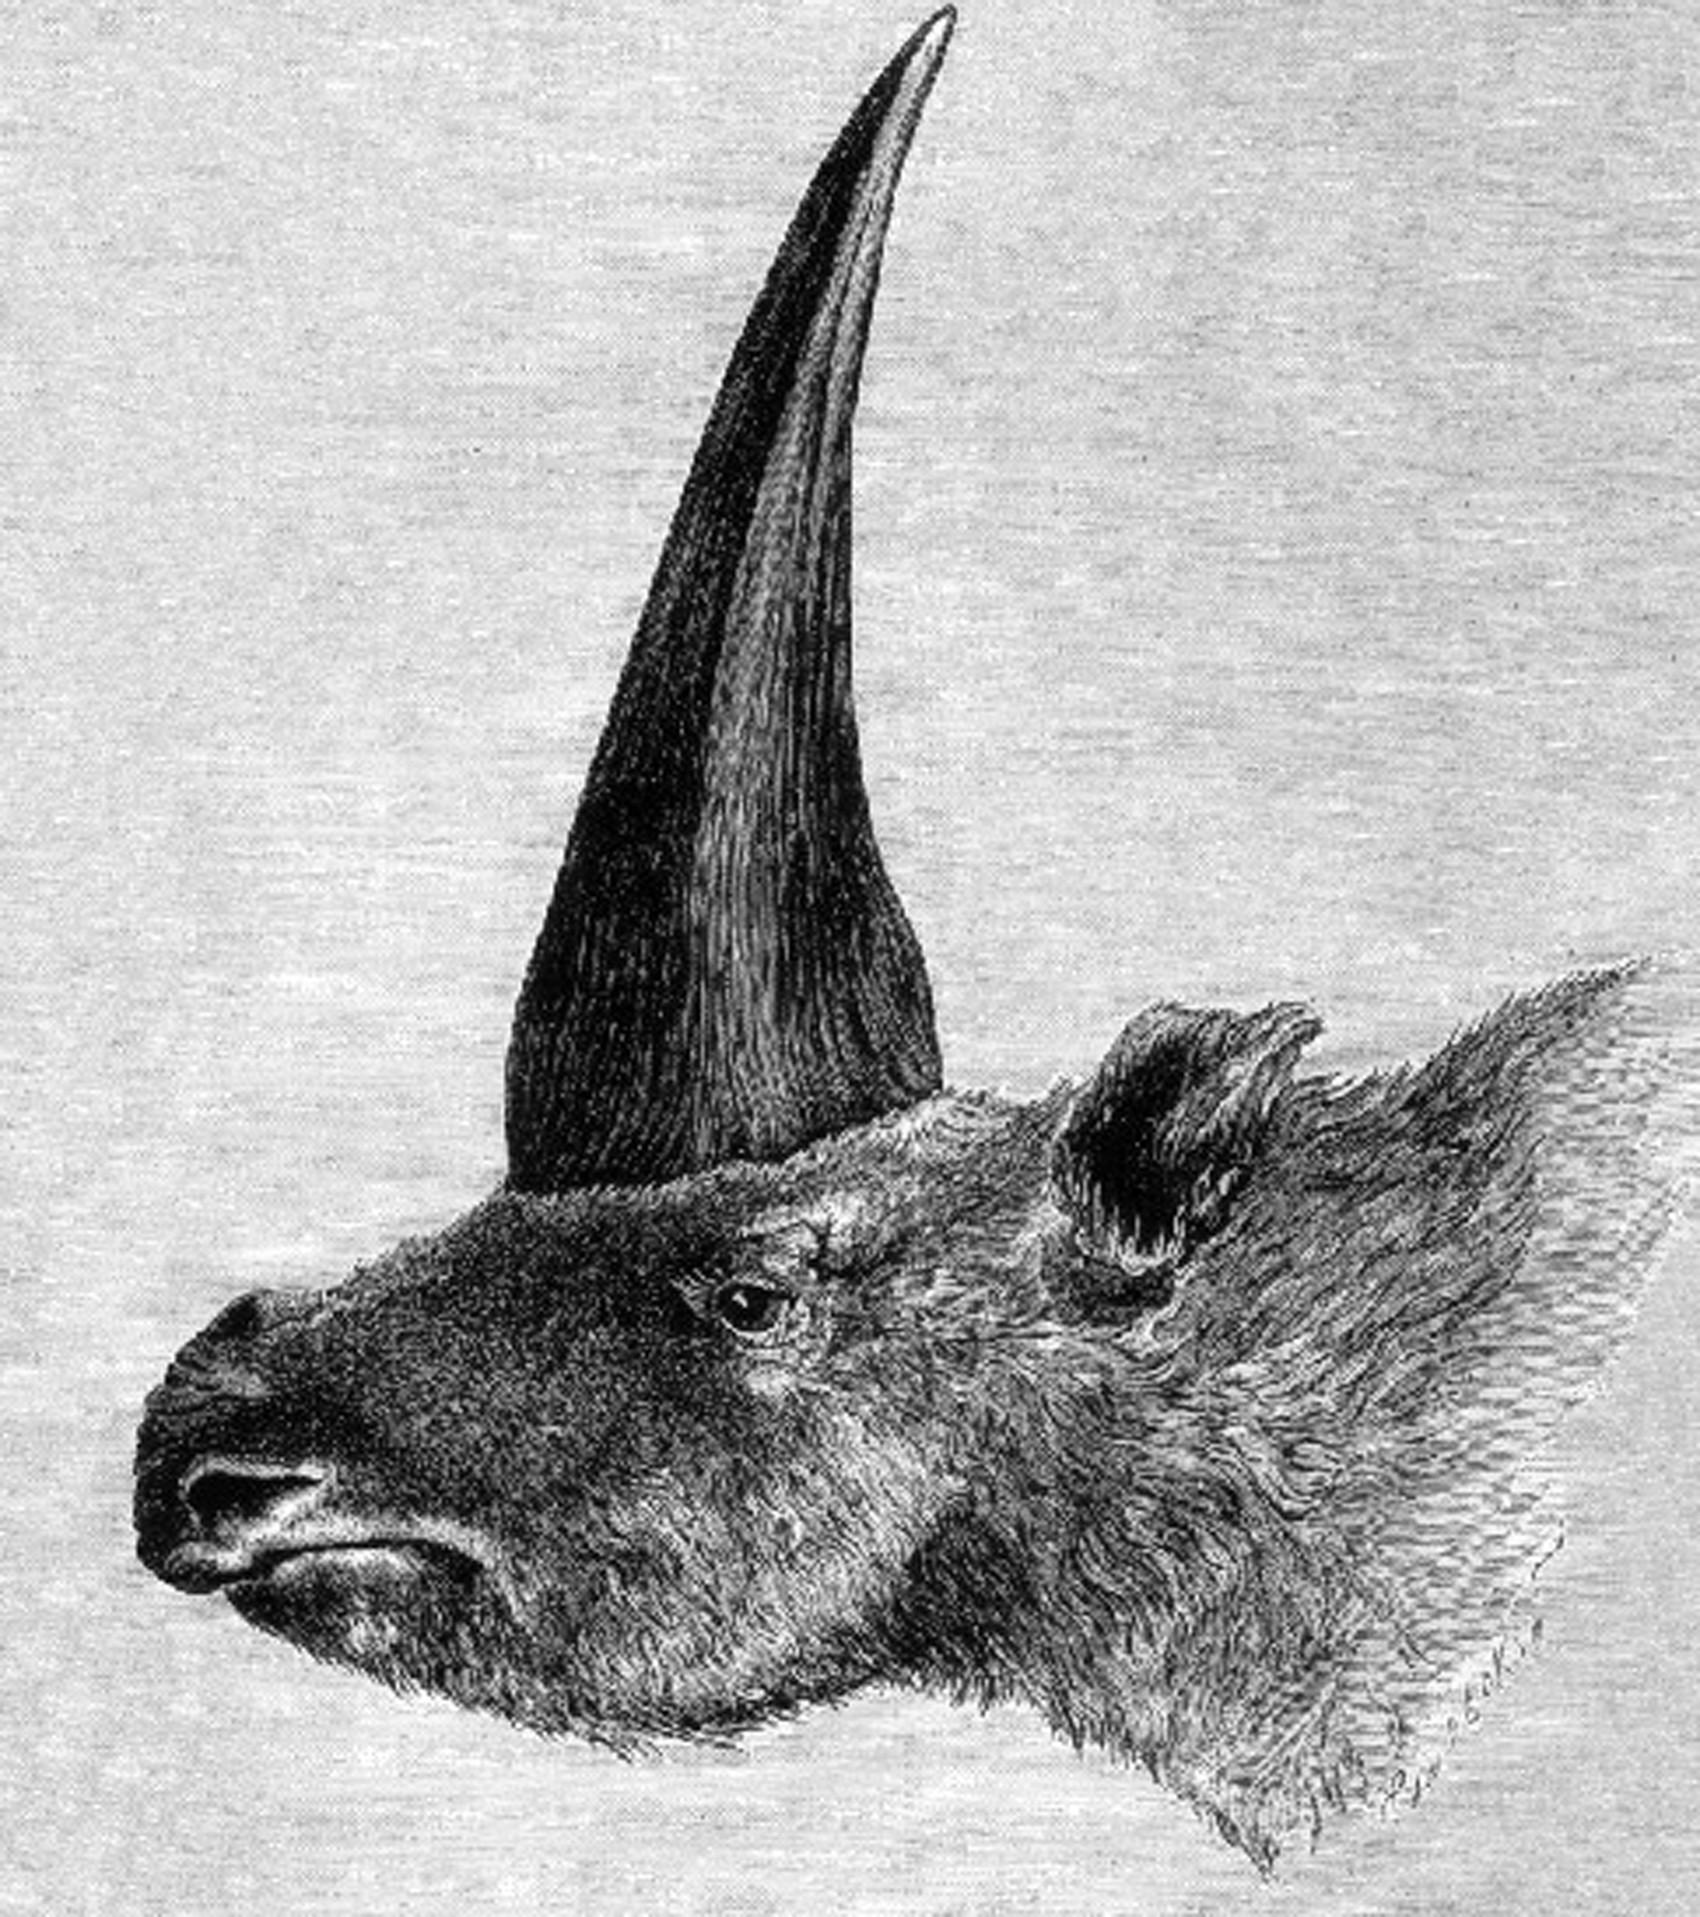 Ilustração de 1878 representa o Elasmotherium sibiricum, apelidado de 'unicórnio siberiano': animal conviveu com humano há 30 mil anos, de acordo com estudo  (Foto: Rashevsky, sob a supervisão de A.F. Brant/Domínio público)